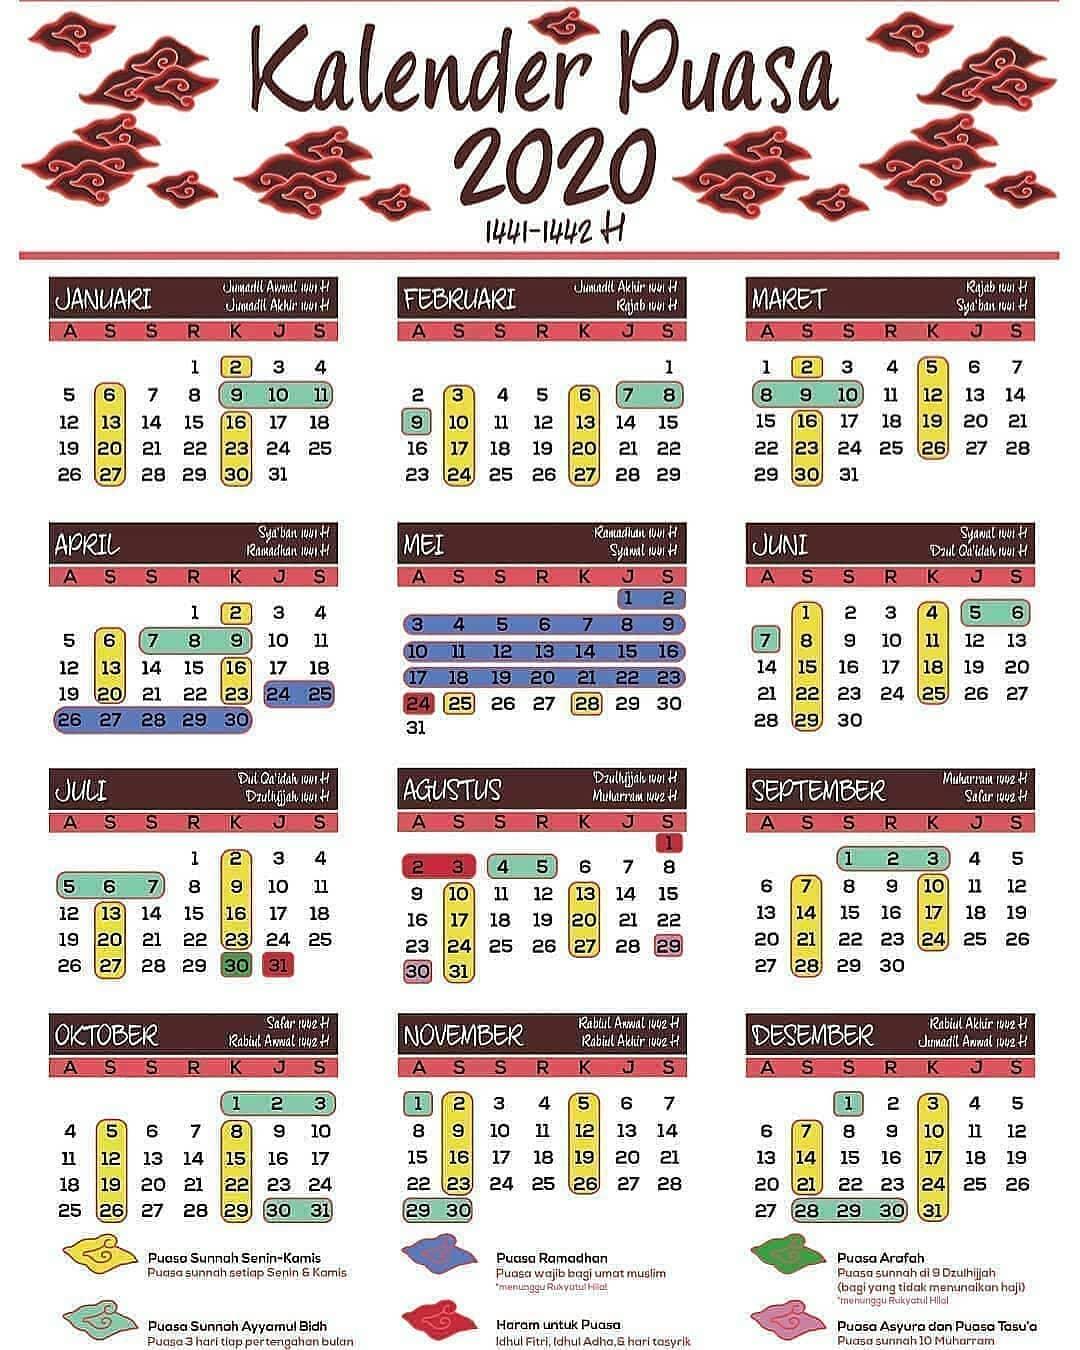 Jadwal Puasa Sunah Wajib Ayyamul Bidh Puasa Ramadhan Lengkap Hari Dan Tanggal Puasa Senyumedia